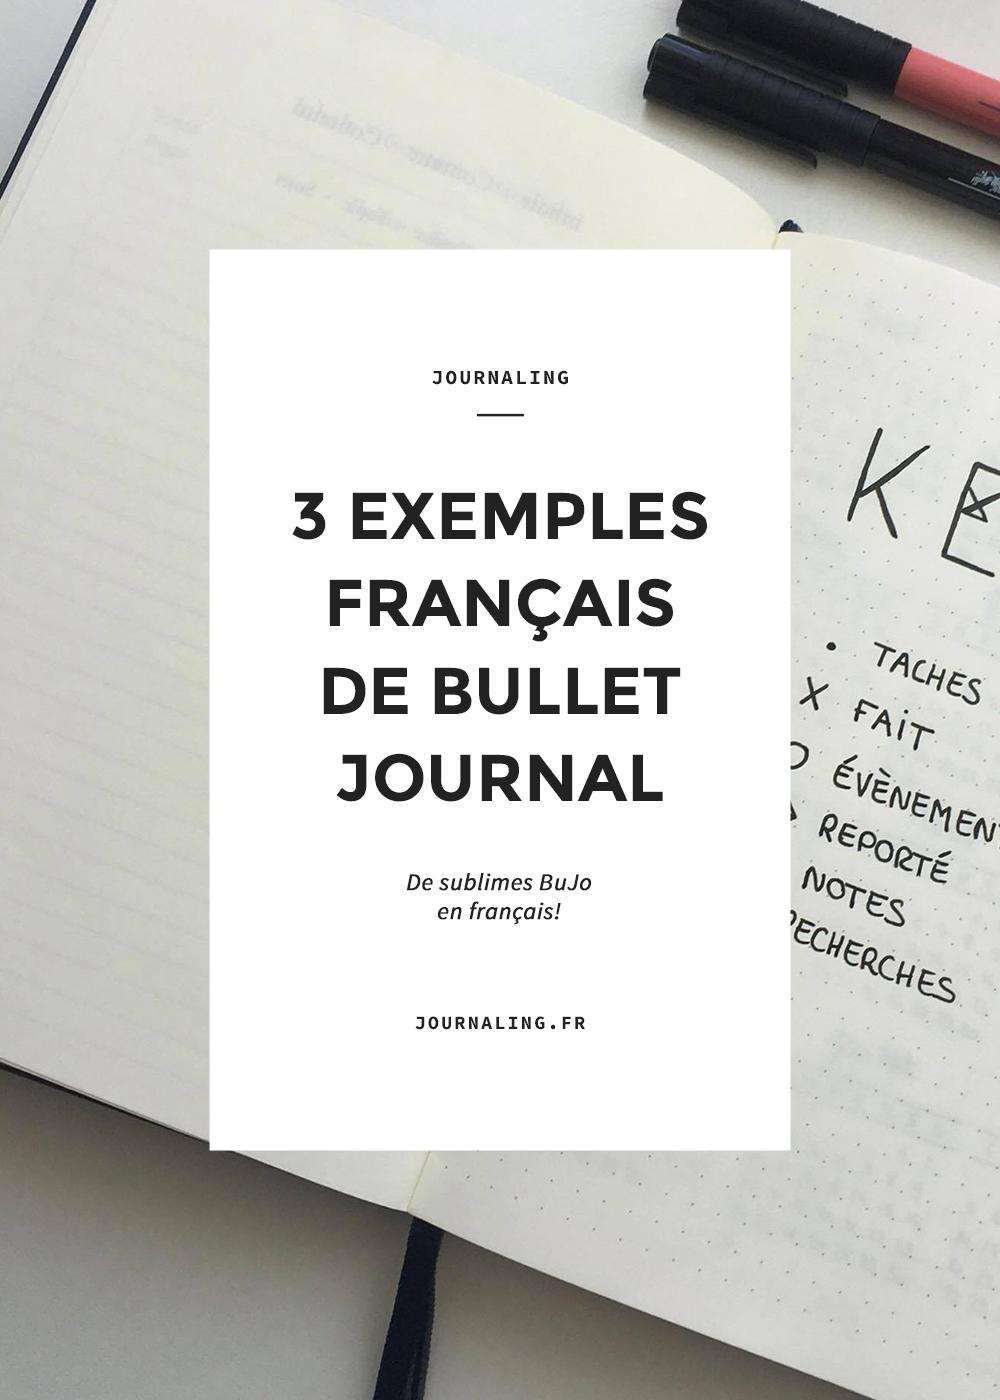 Bullet Journal, exemples en français: nouveautés!